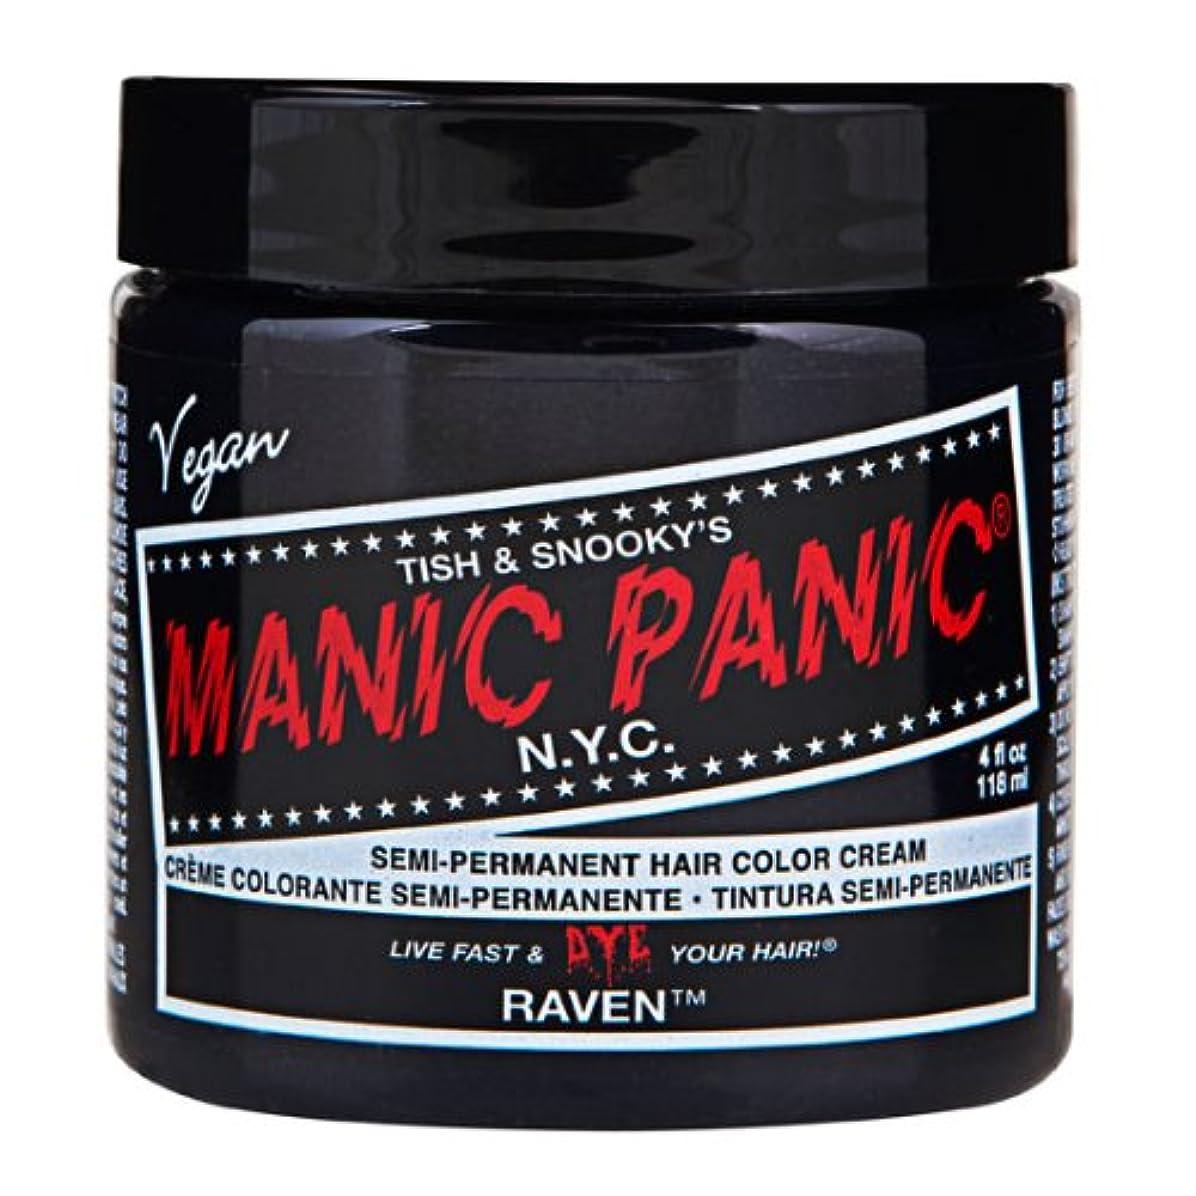 リス縁石比較スペシャルセットMANIC PANICマニックパニック:Raven (レイヴァン)+ヘアカラーケア4点セット